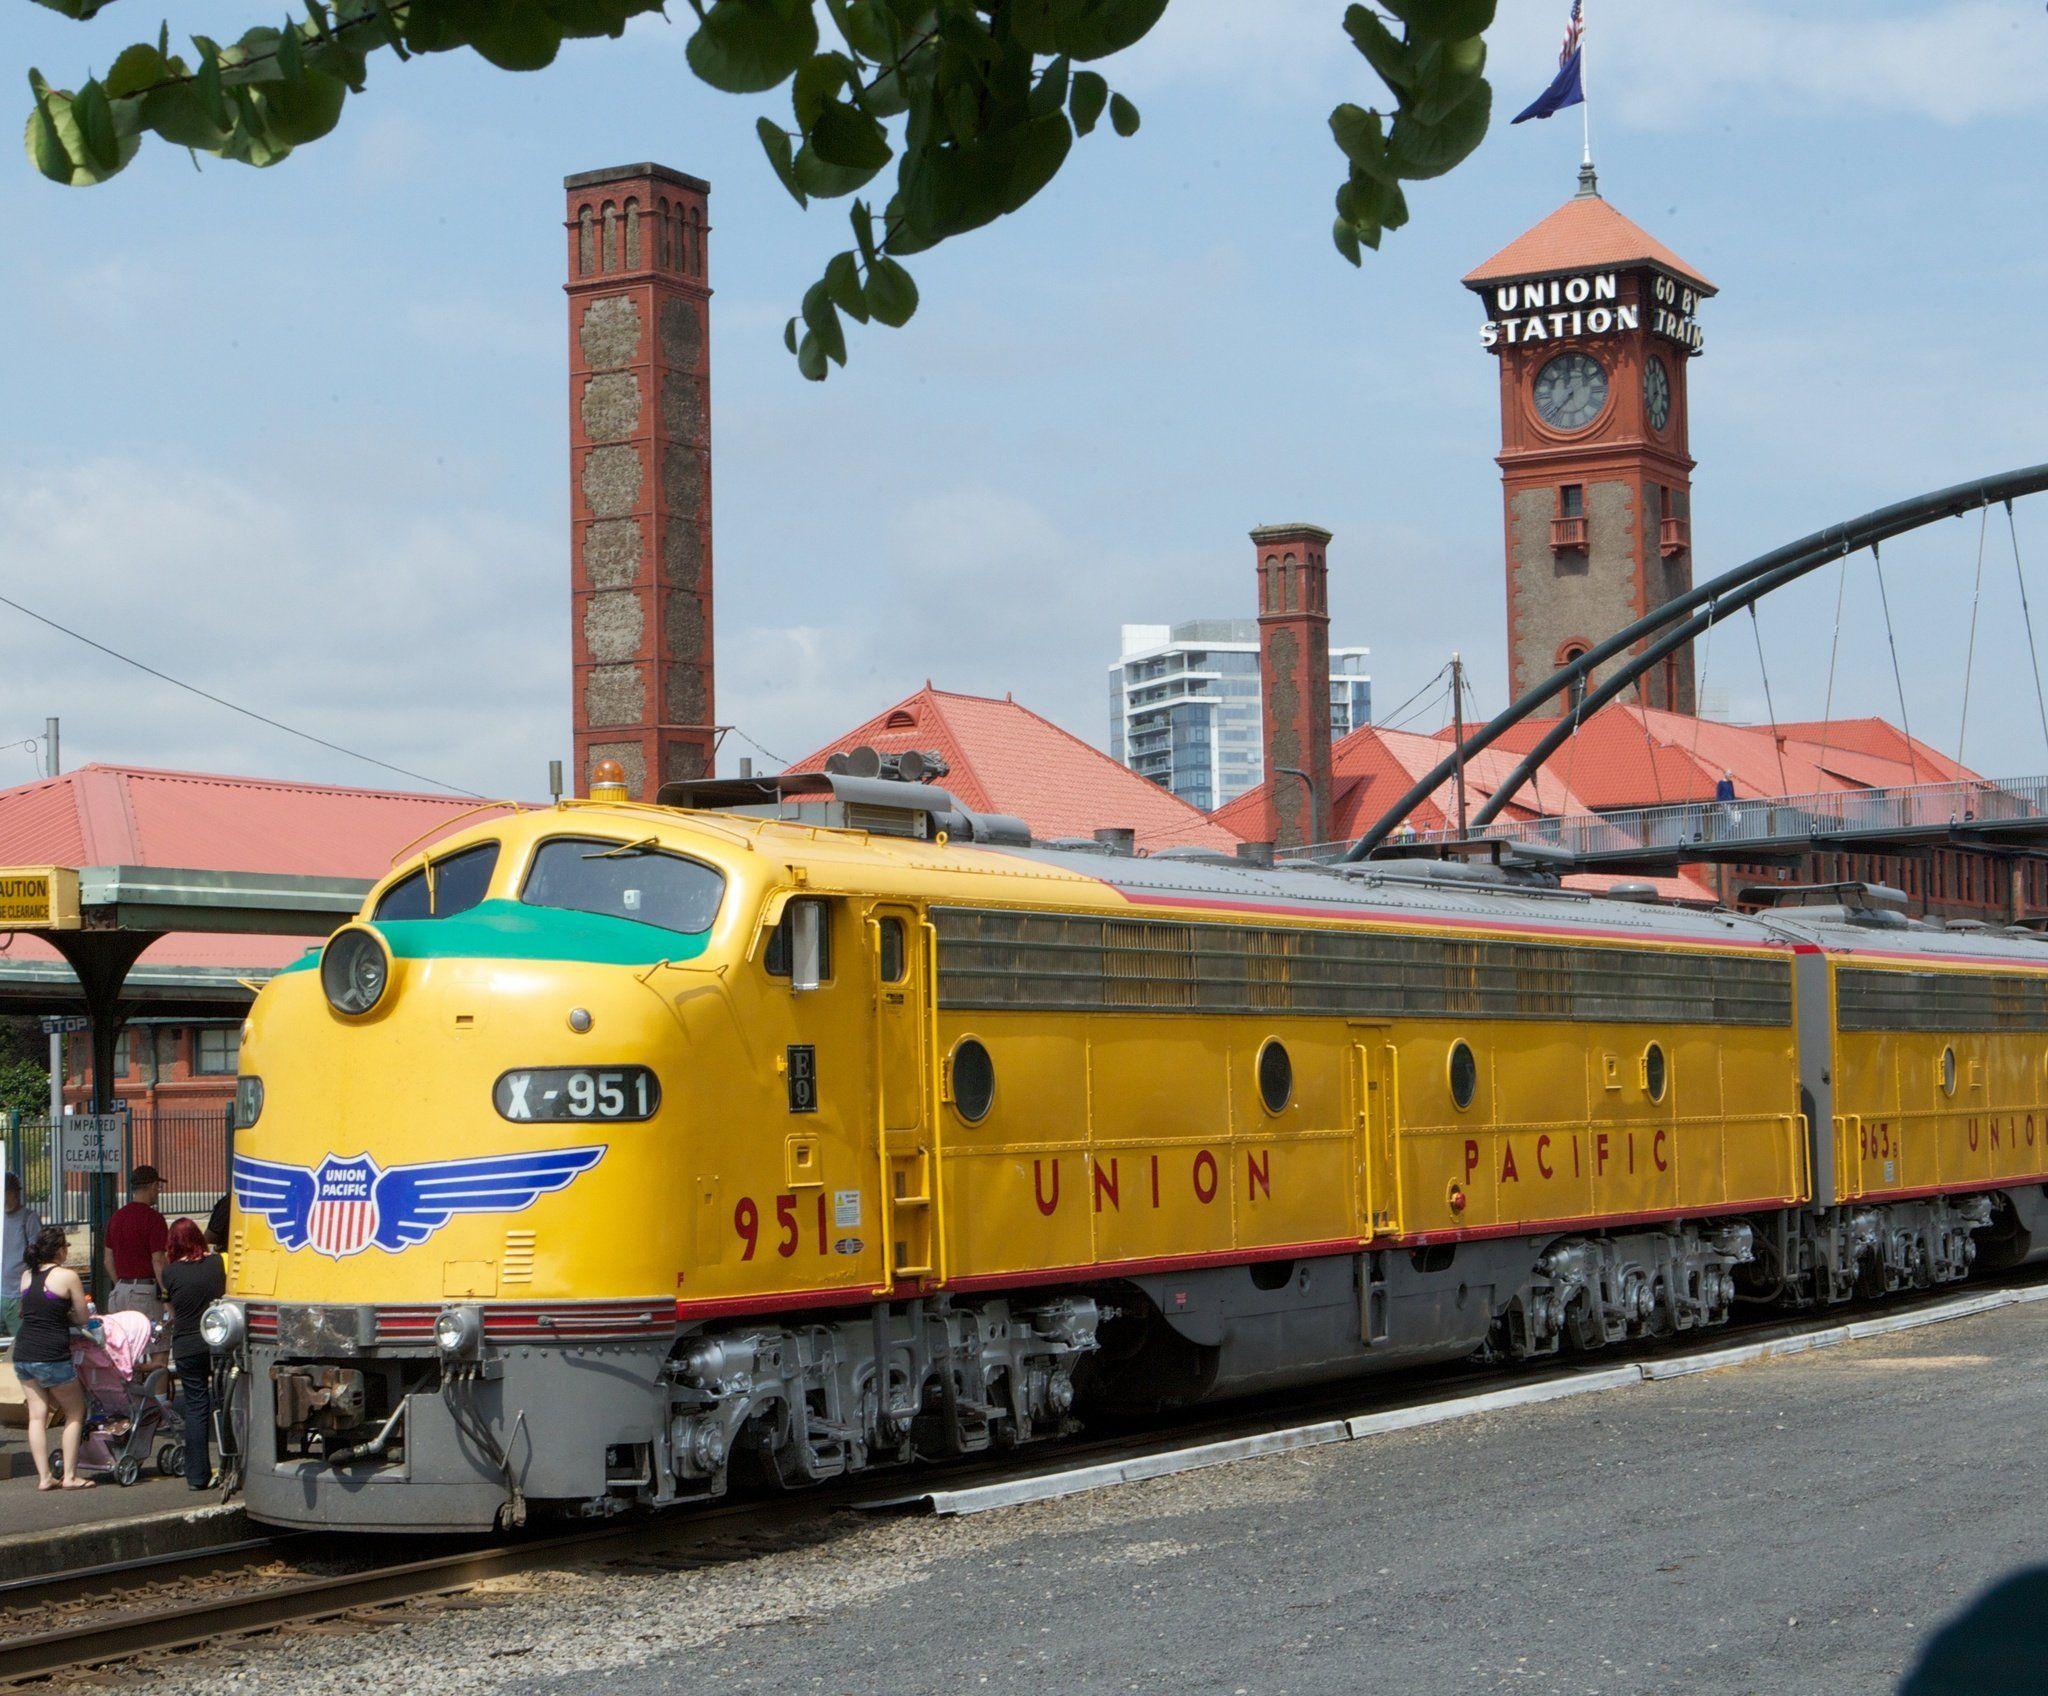 Union Pacific Railroad Hosts 150th Anniversary Celebration